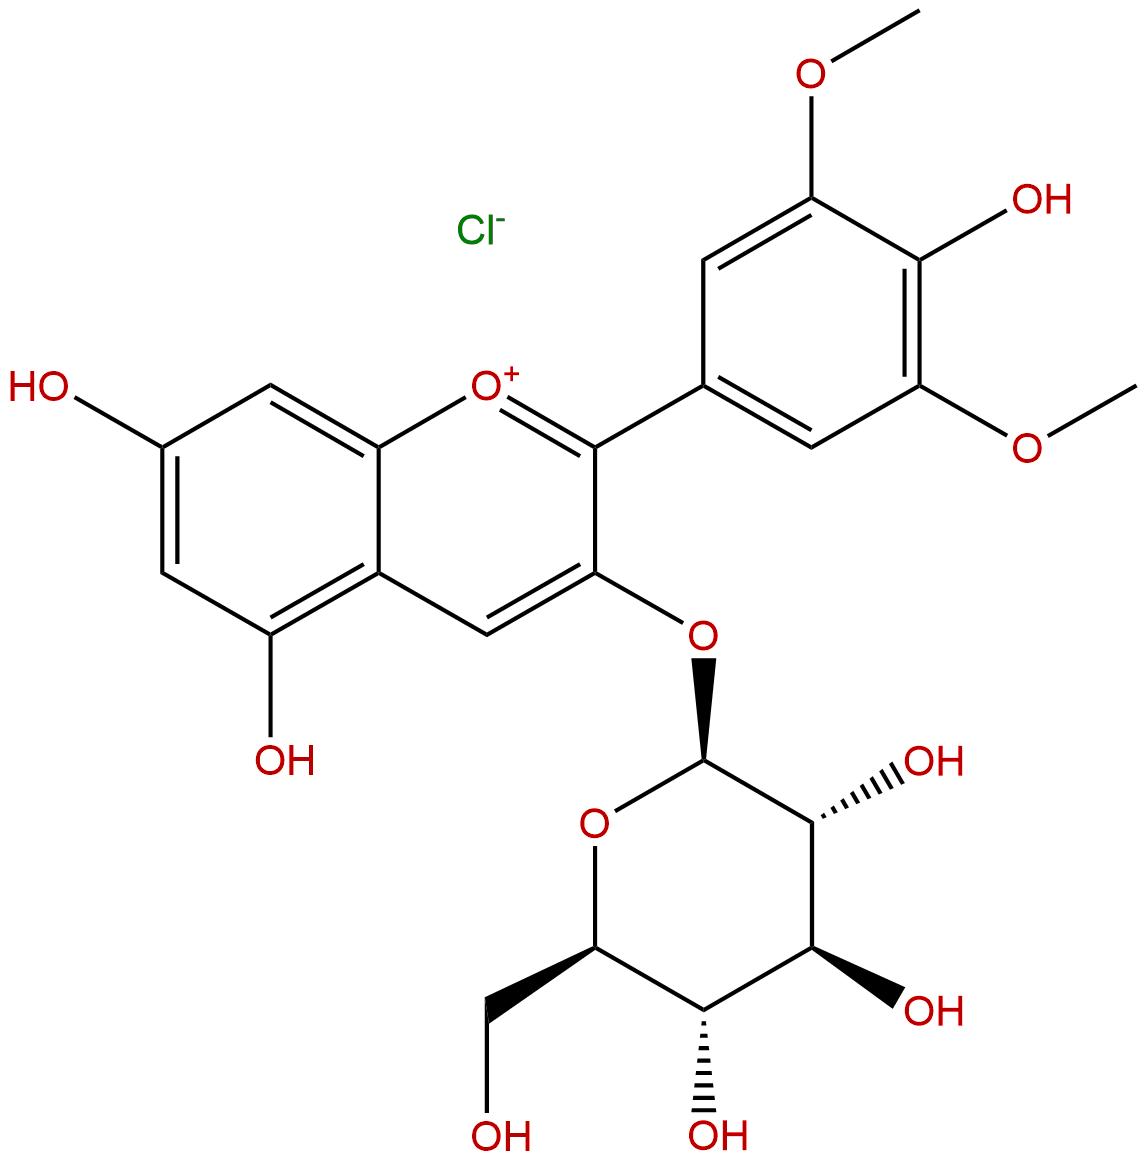 Malvidin 3-Glucoside